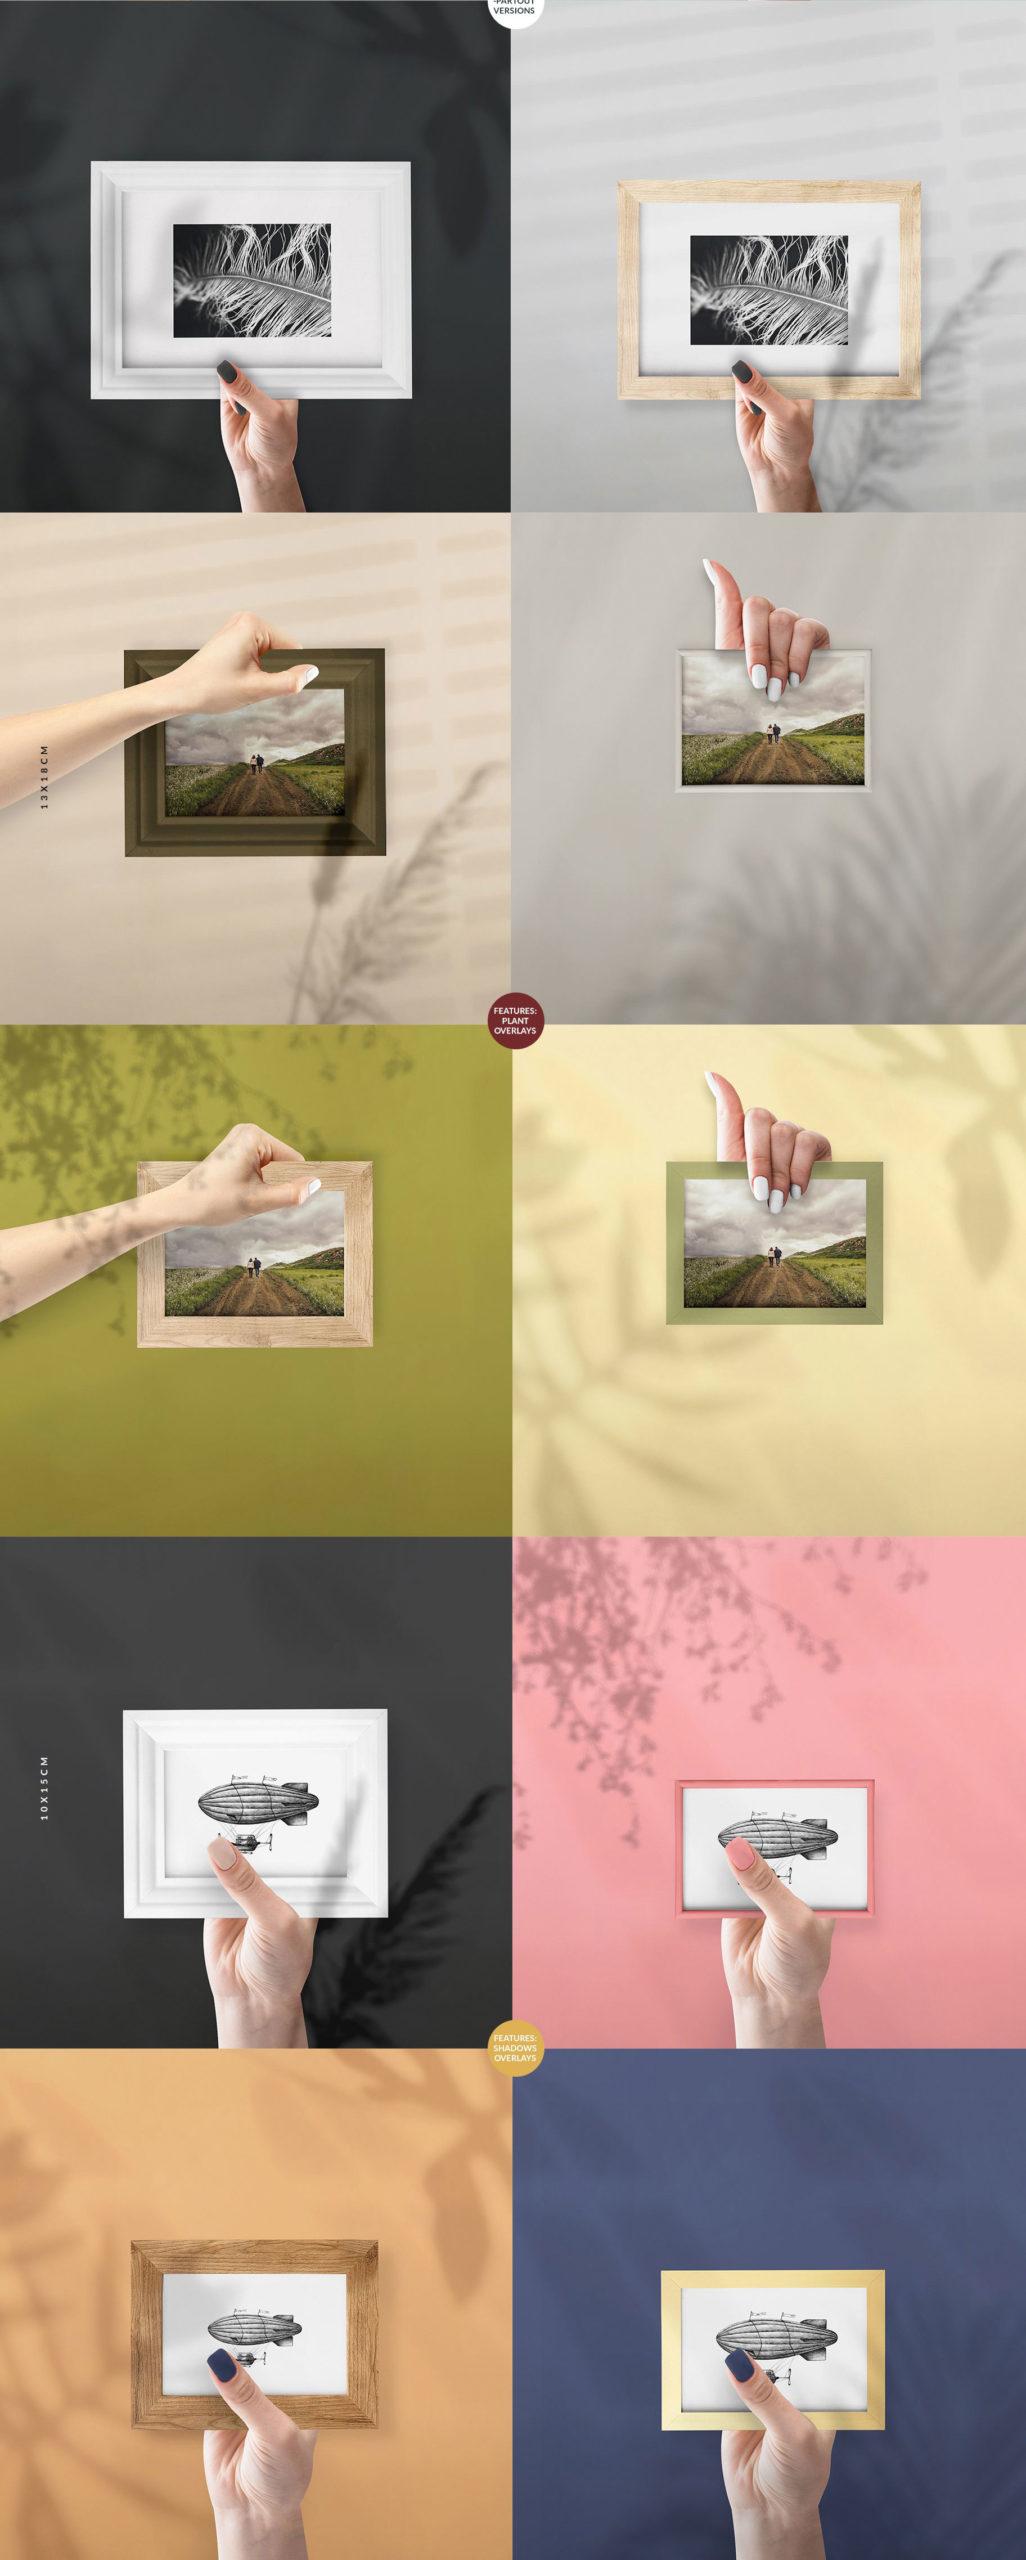 流行海报相片设计展示手持相框镜框PS贴图样机合集 The Frames vol.2 Mockups Set插图4